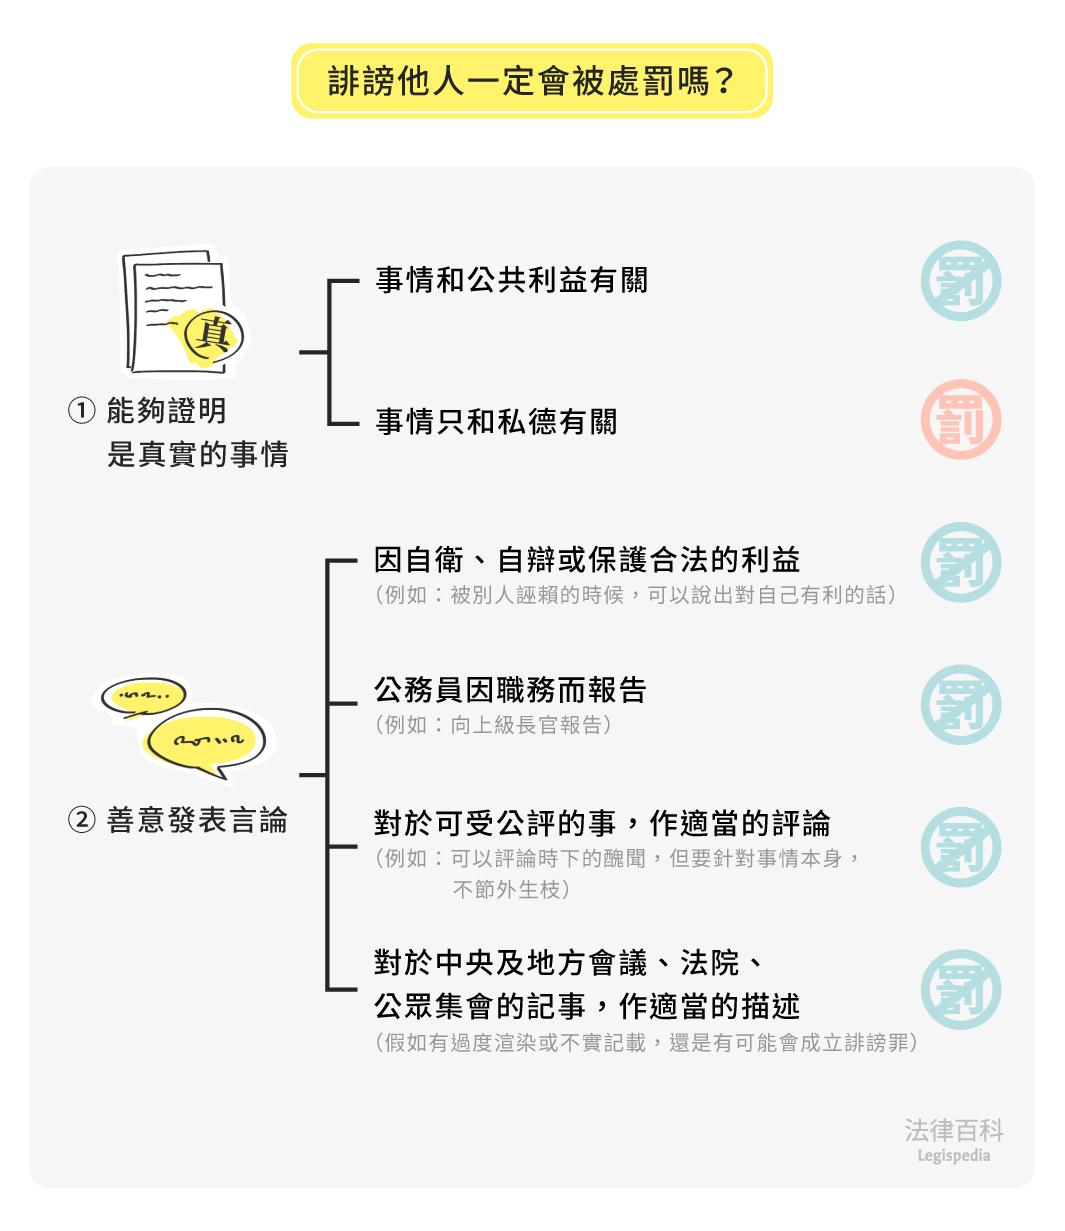 圖2 誹謗他人一定會被處罰嗎?||資料來源:蔡文元 / 繪圖:Yen